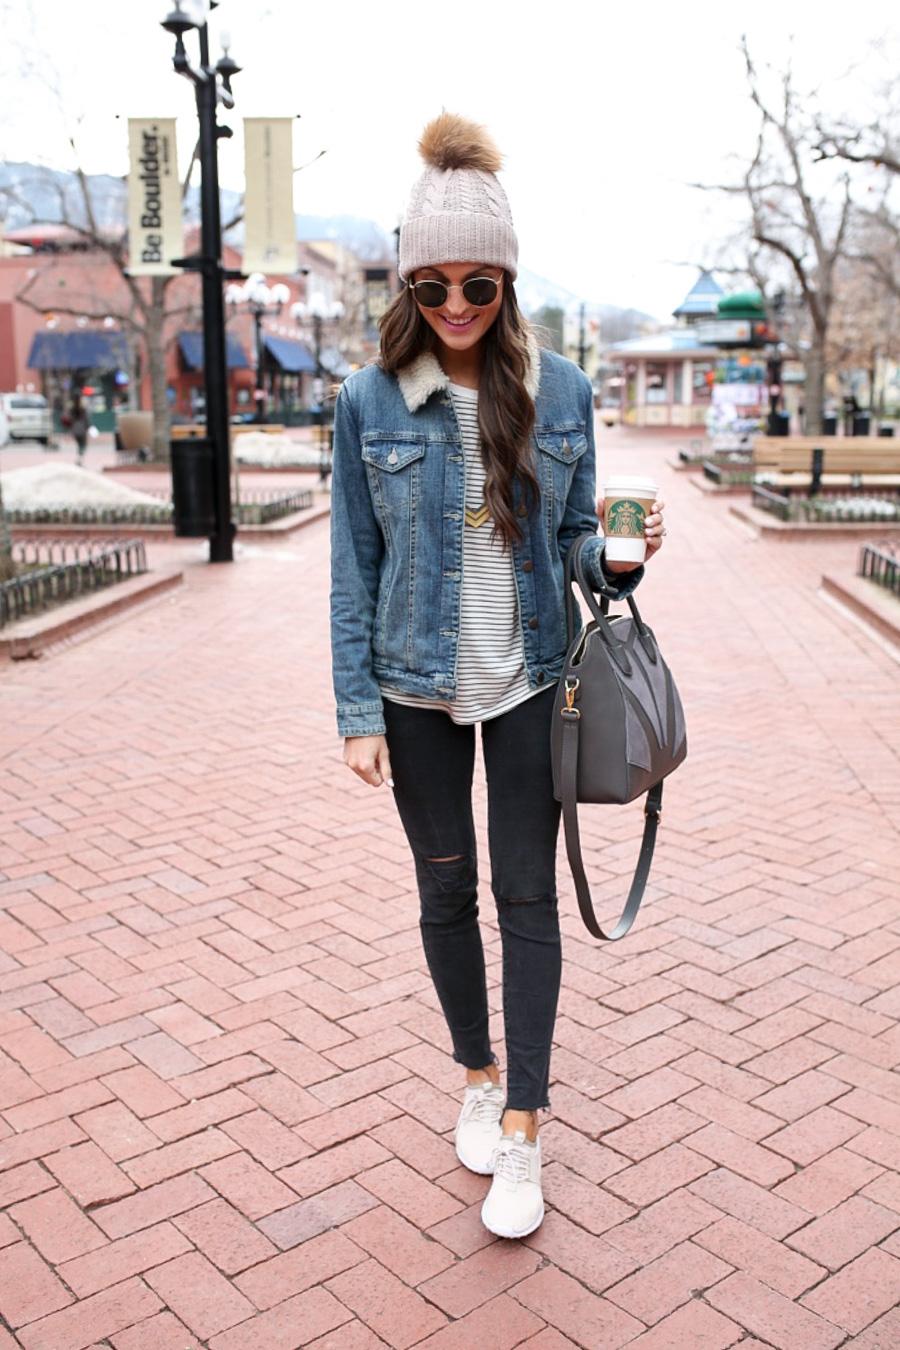 Sneaker Girl All Day Everyday Lauren Kay Sims